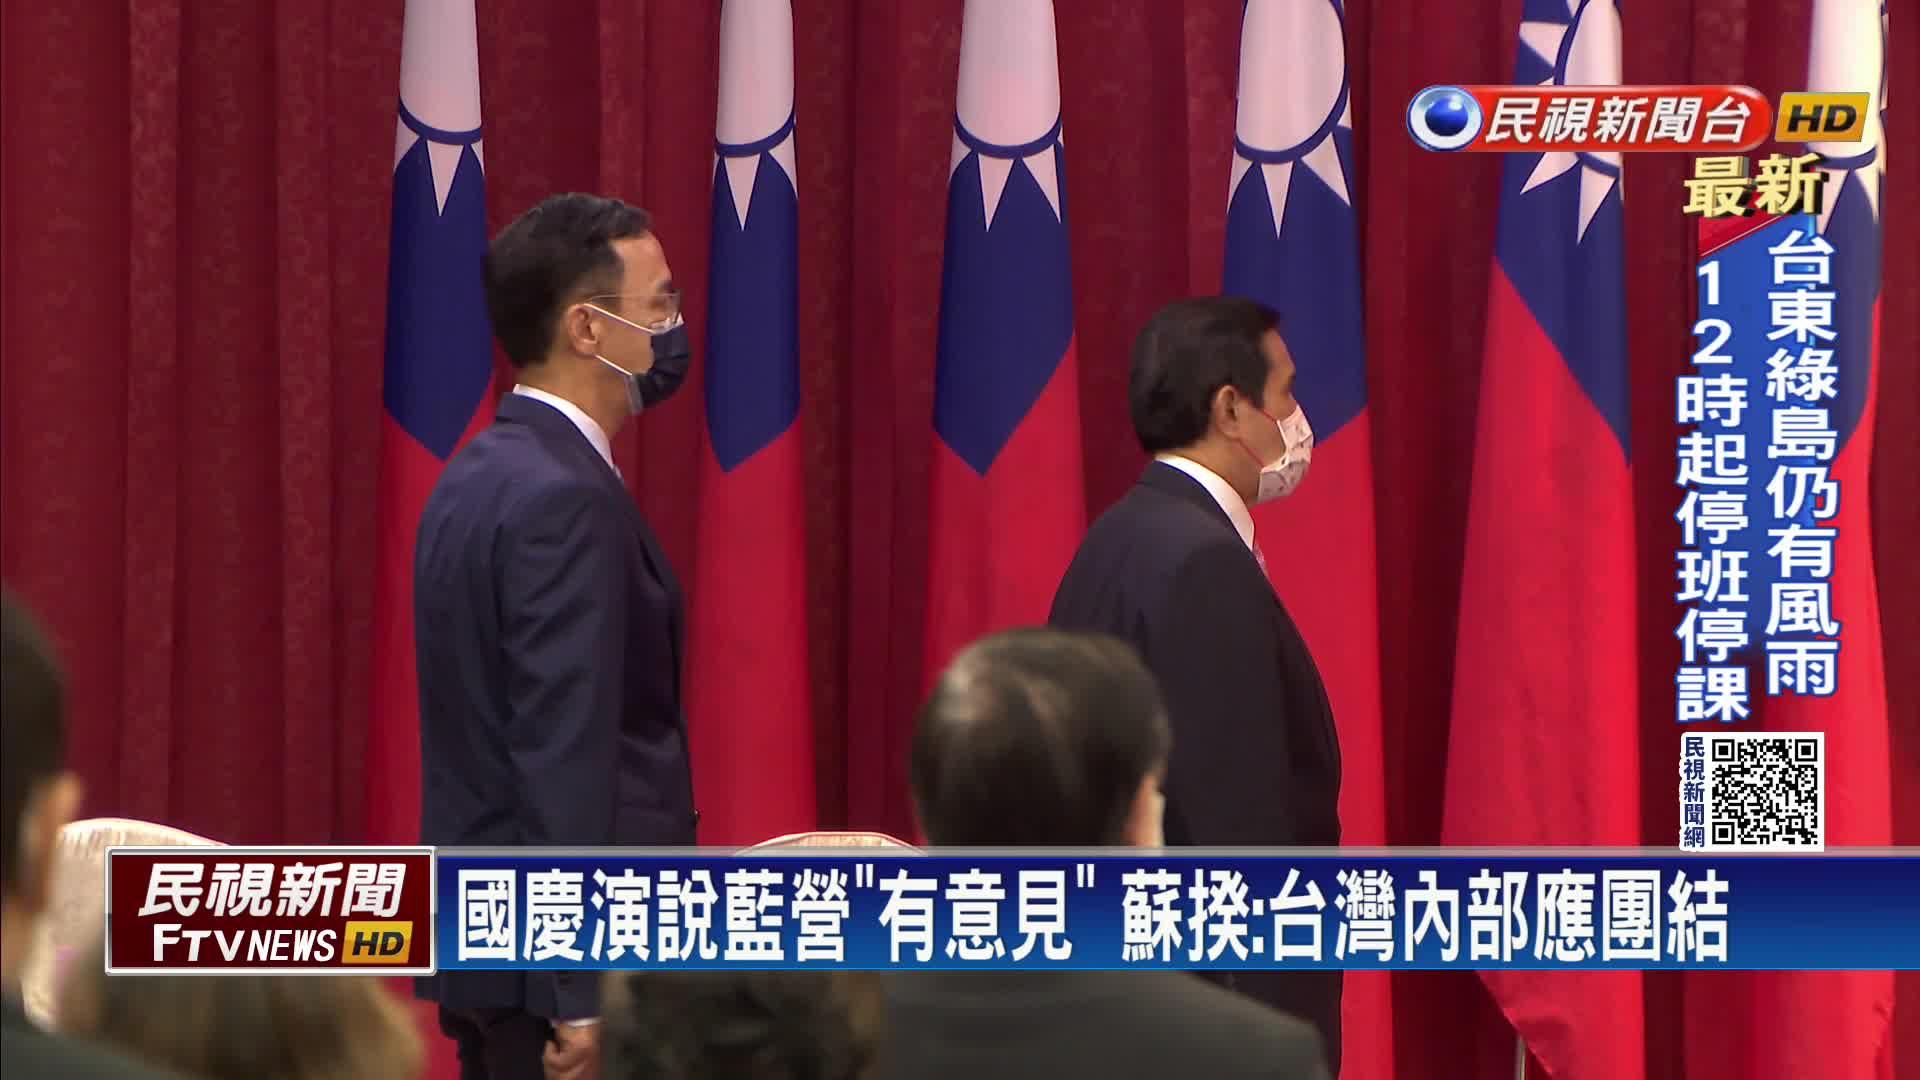 蔡總統國慶演說「兩岸互不隸屬」 藍營痛批違憲